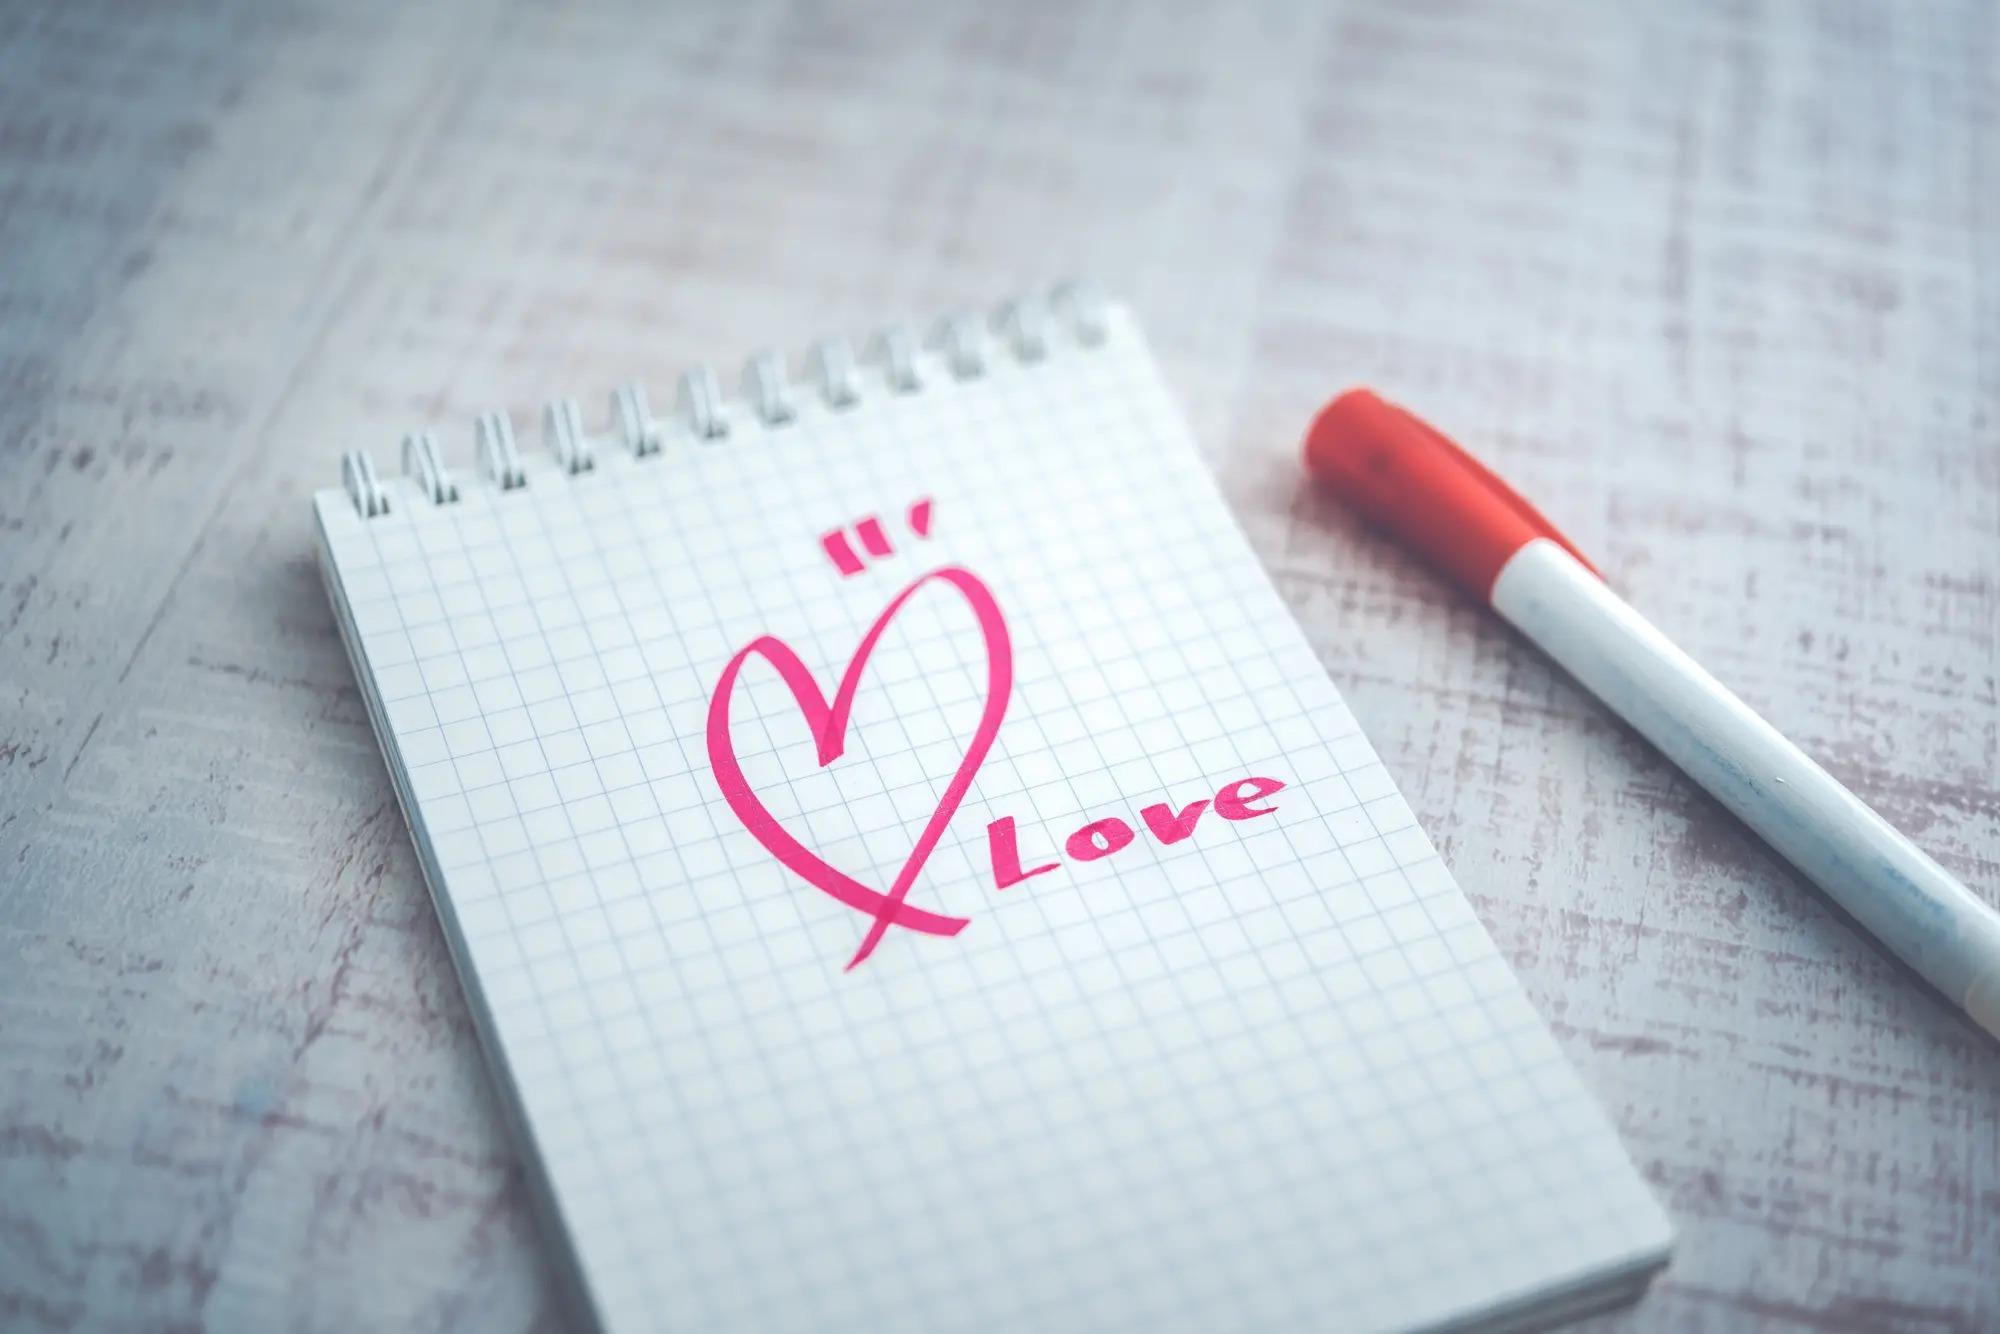 恋人に送る手紙